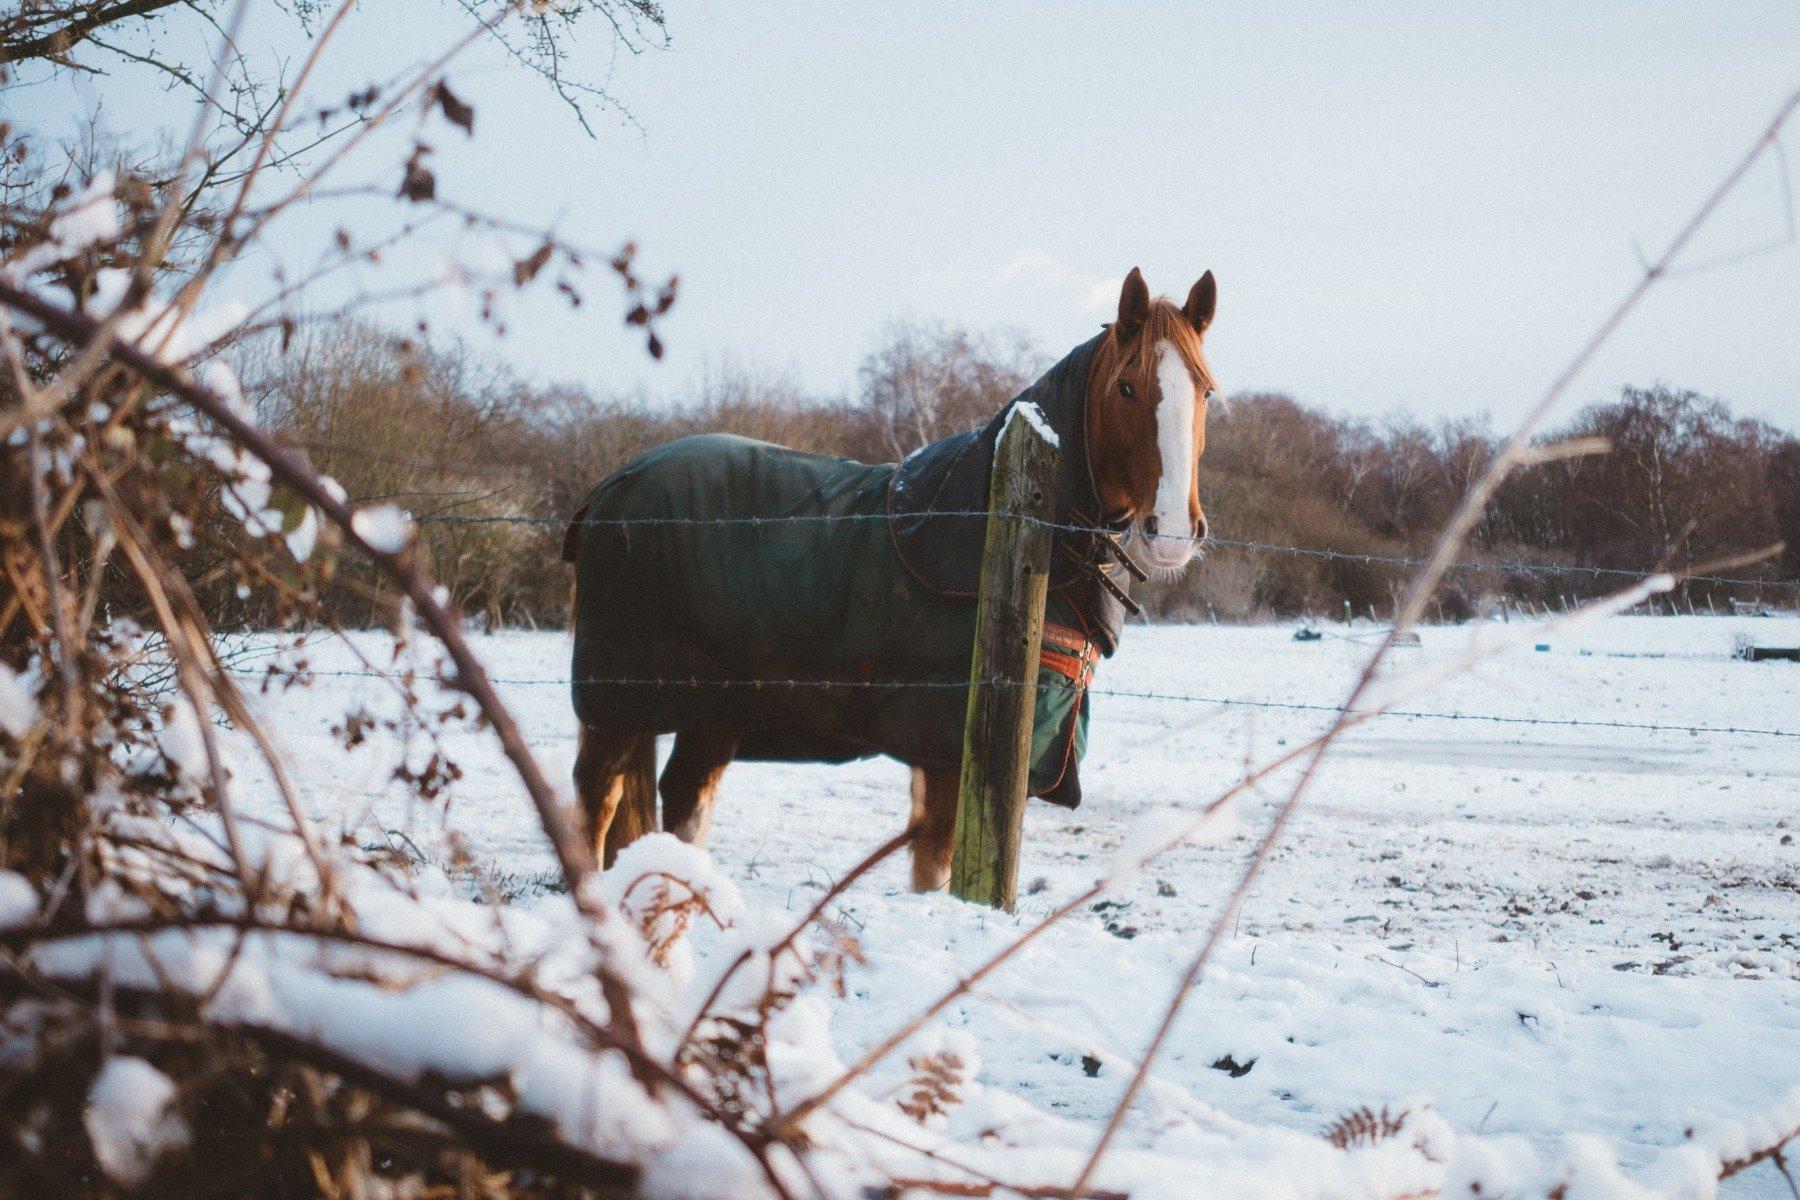 Ein Pferd mit Winterdecke steht im Schnee.